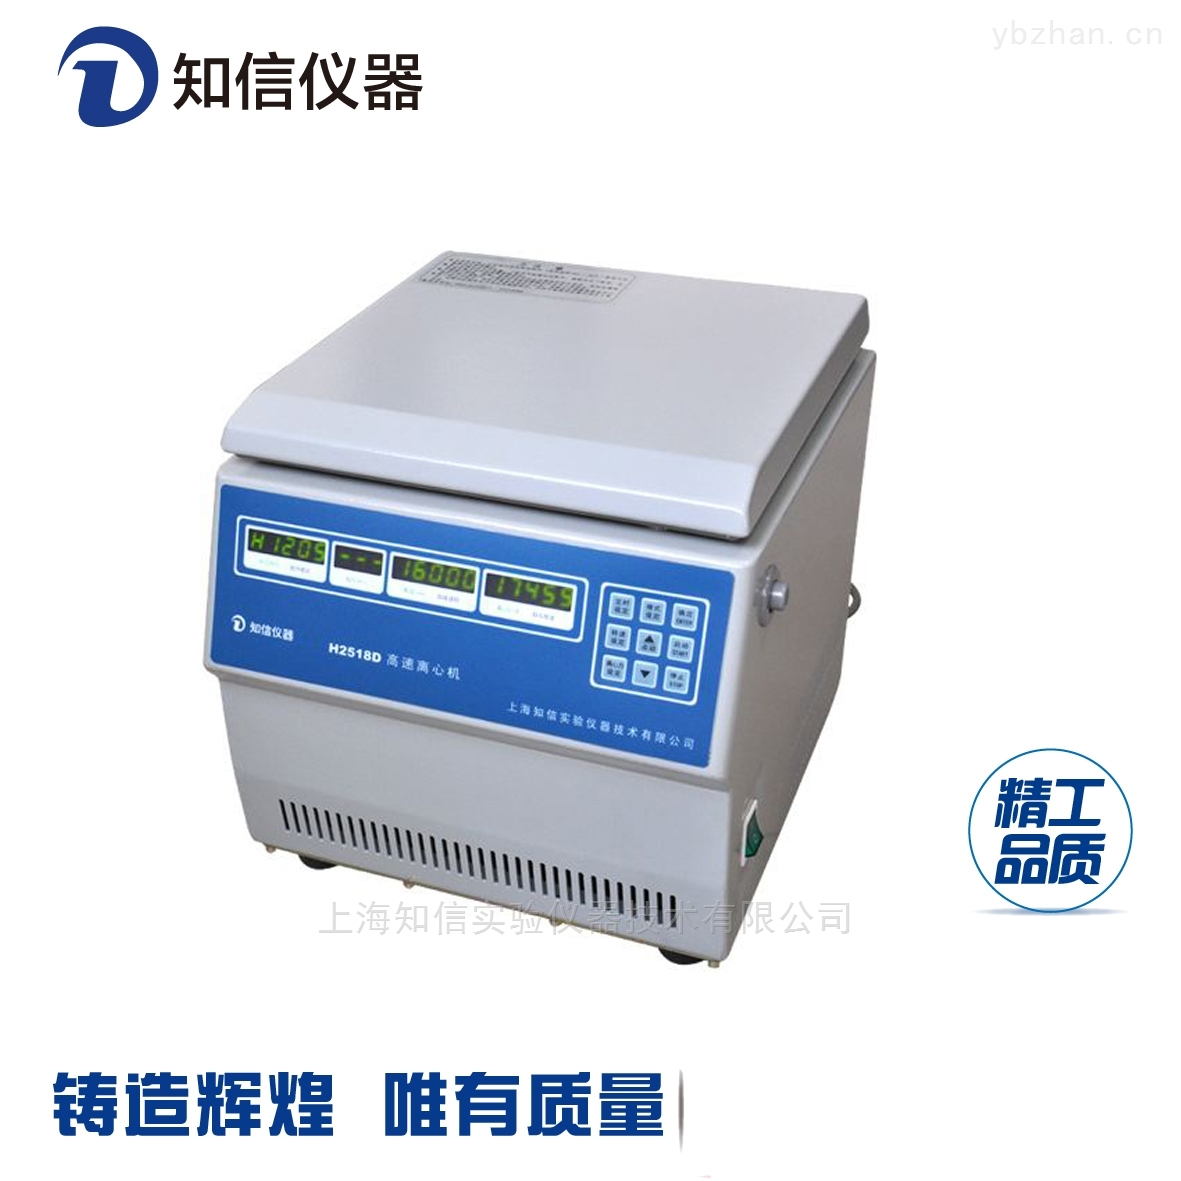 上海知信實驗室臺式高速離心機